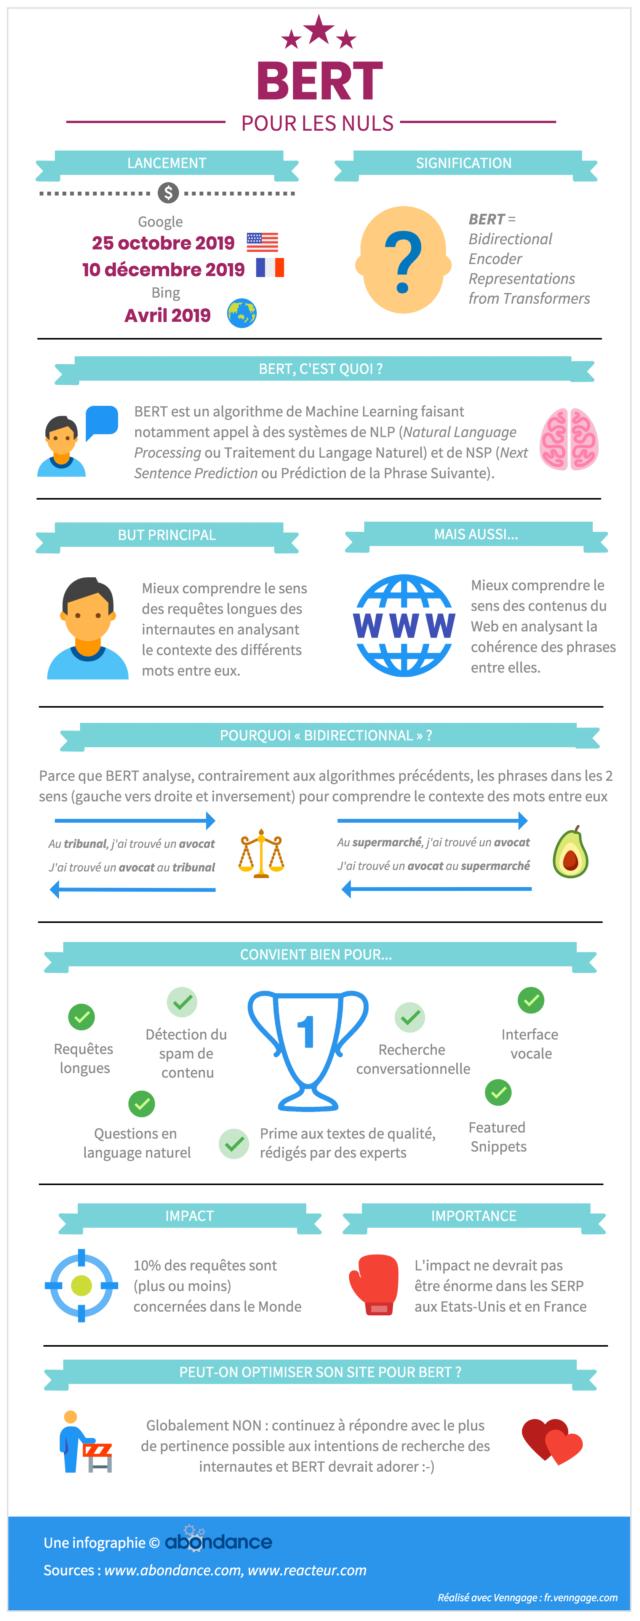 Infographie sur l'algorithme Google BERT